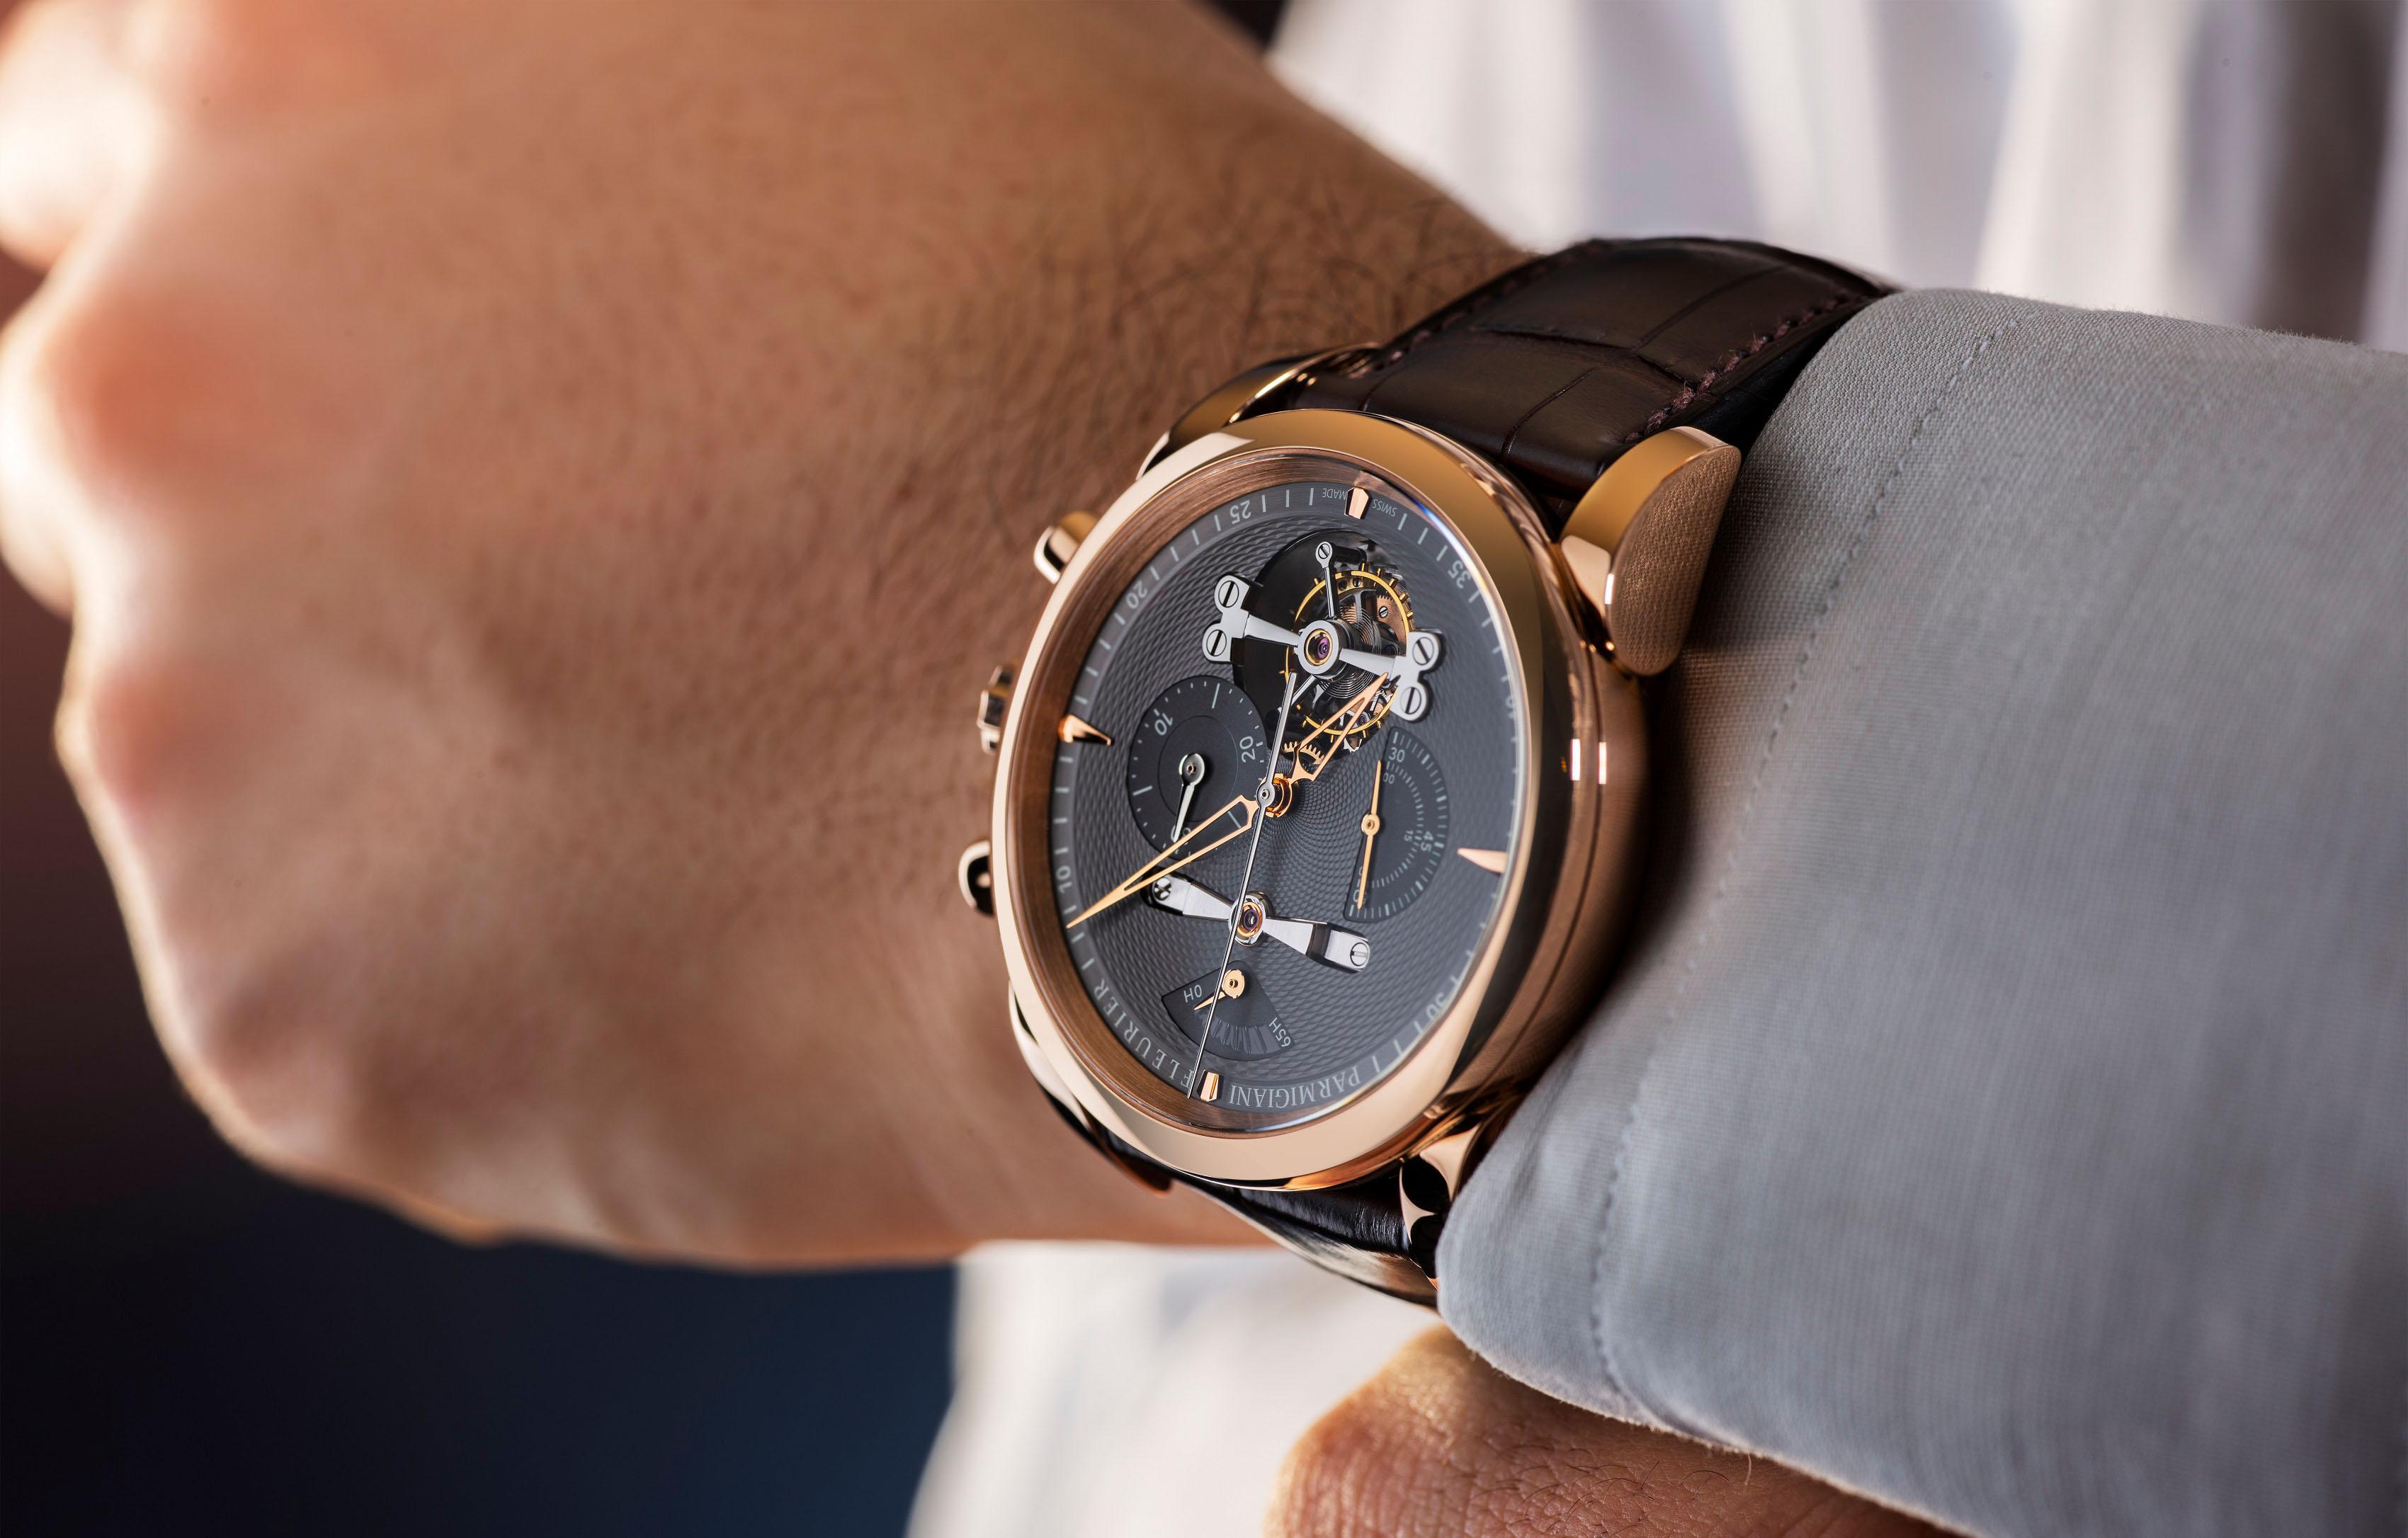 谱写浑圆之美和高级制表工艺的赞美诗歌 帕玛强尼荣推全新通达系列 (Tonda Collection) Tondagraph Tourbillon腕表